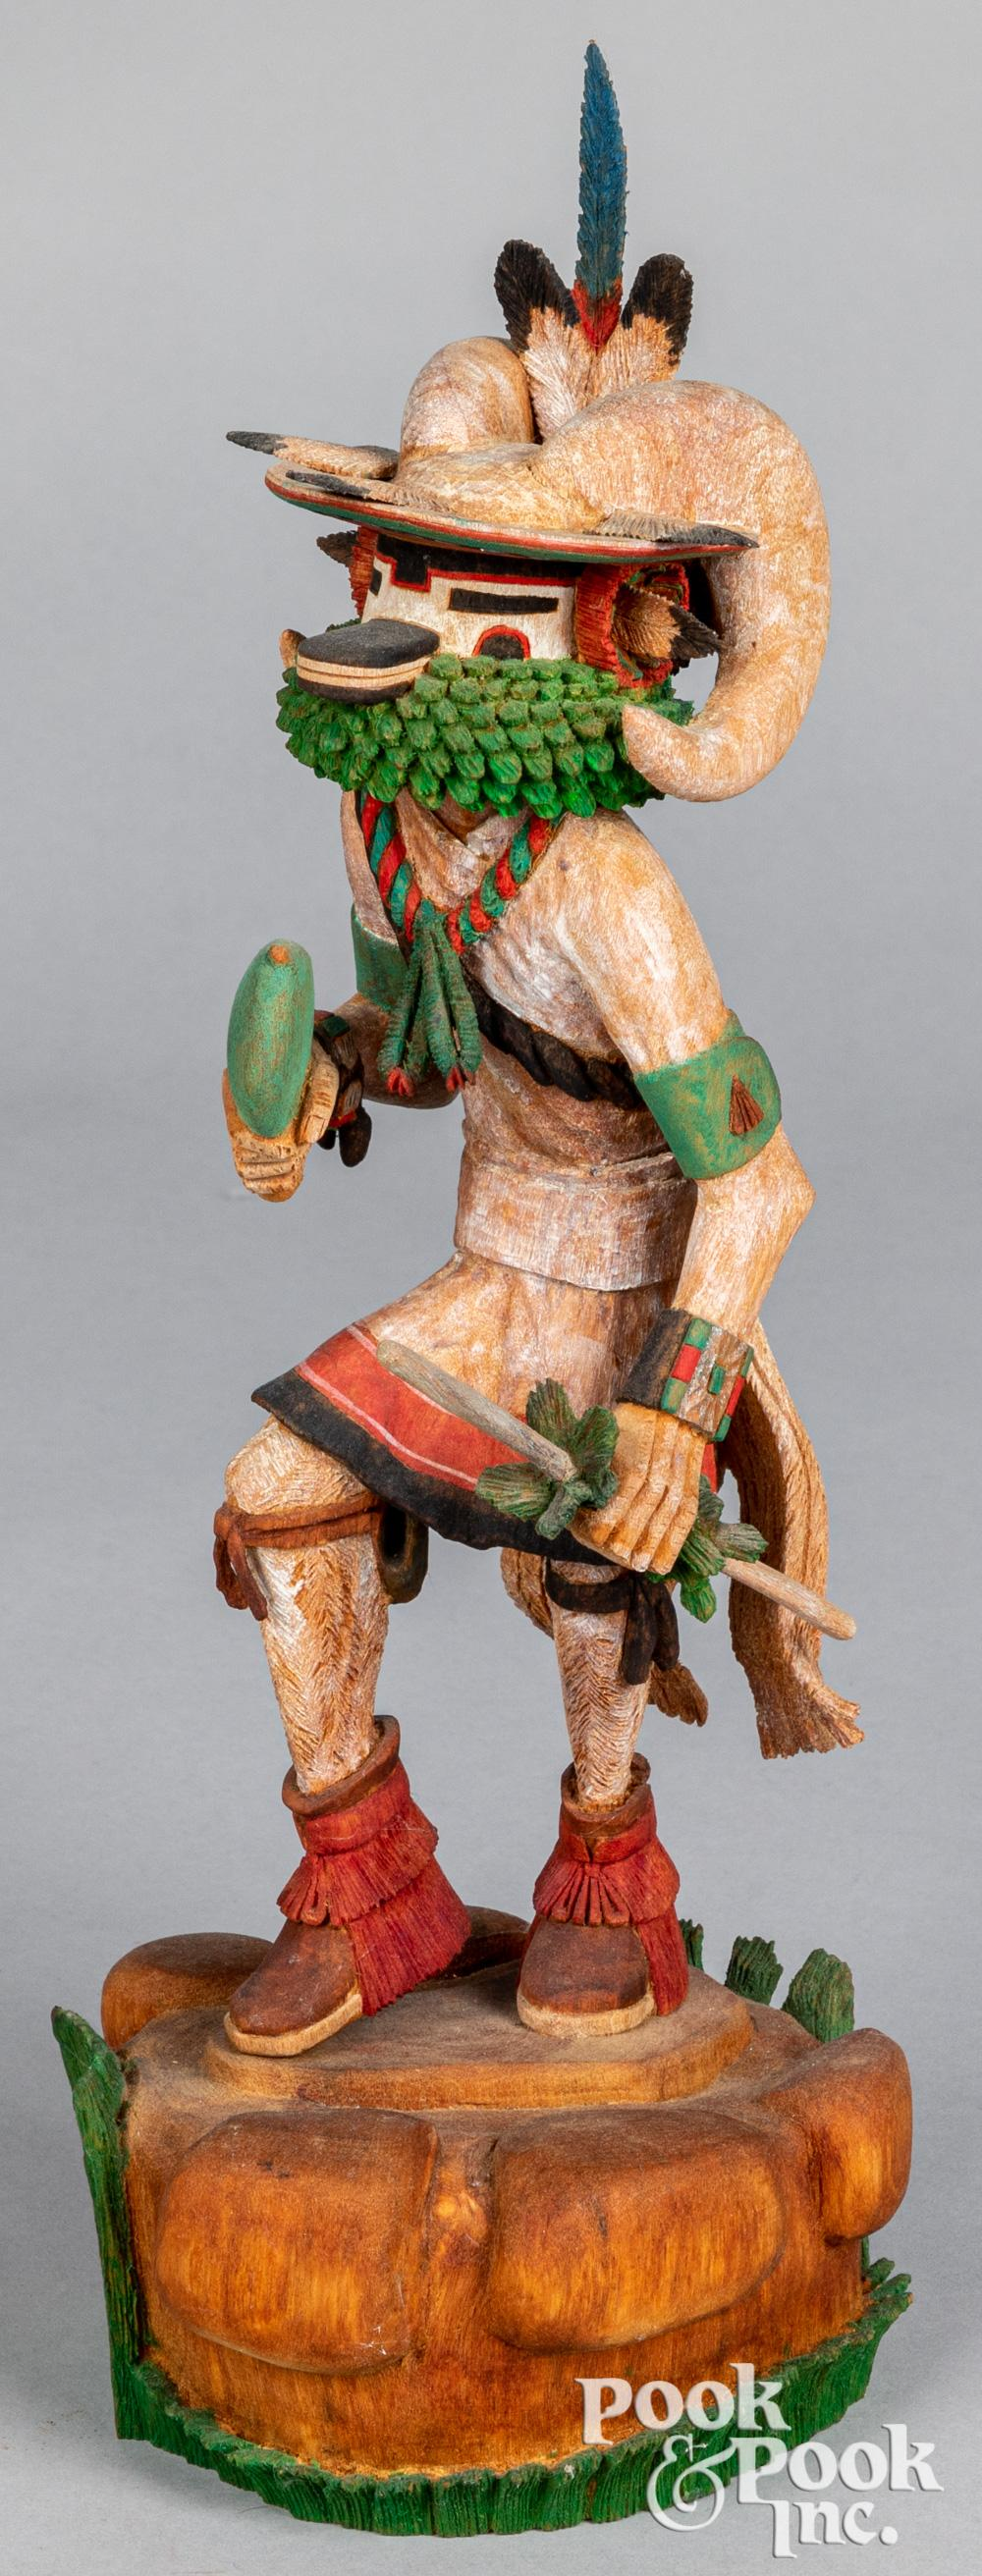 Elgean Joshevama Jr. Native American Indian figure